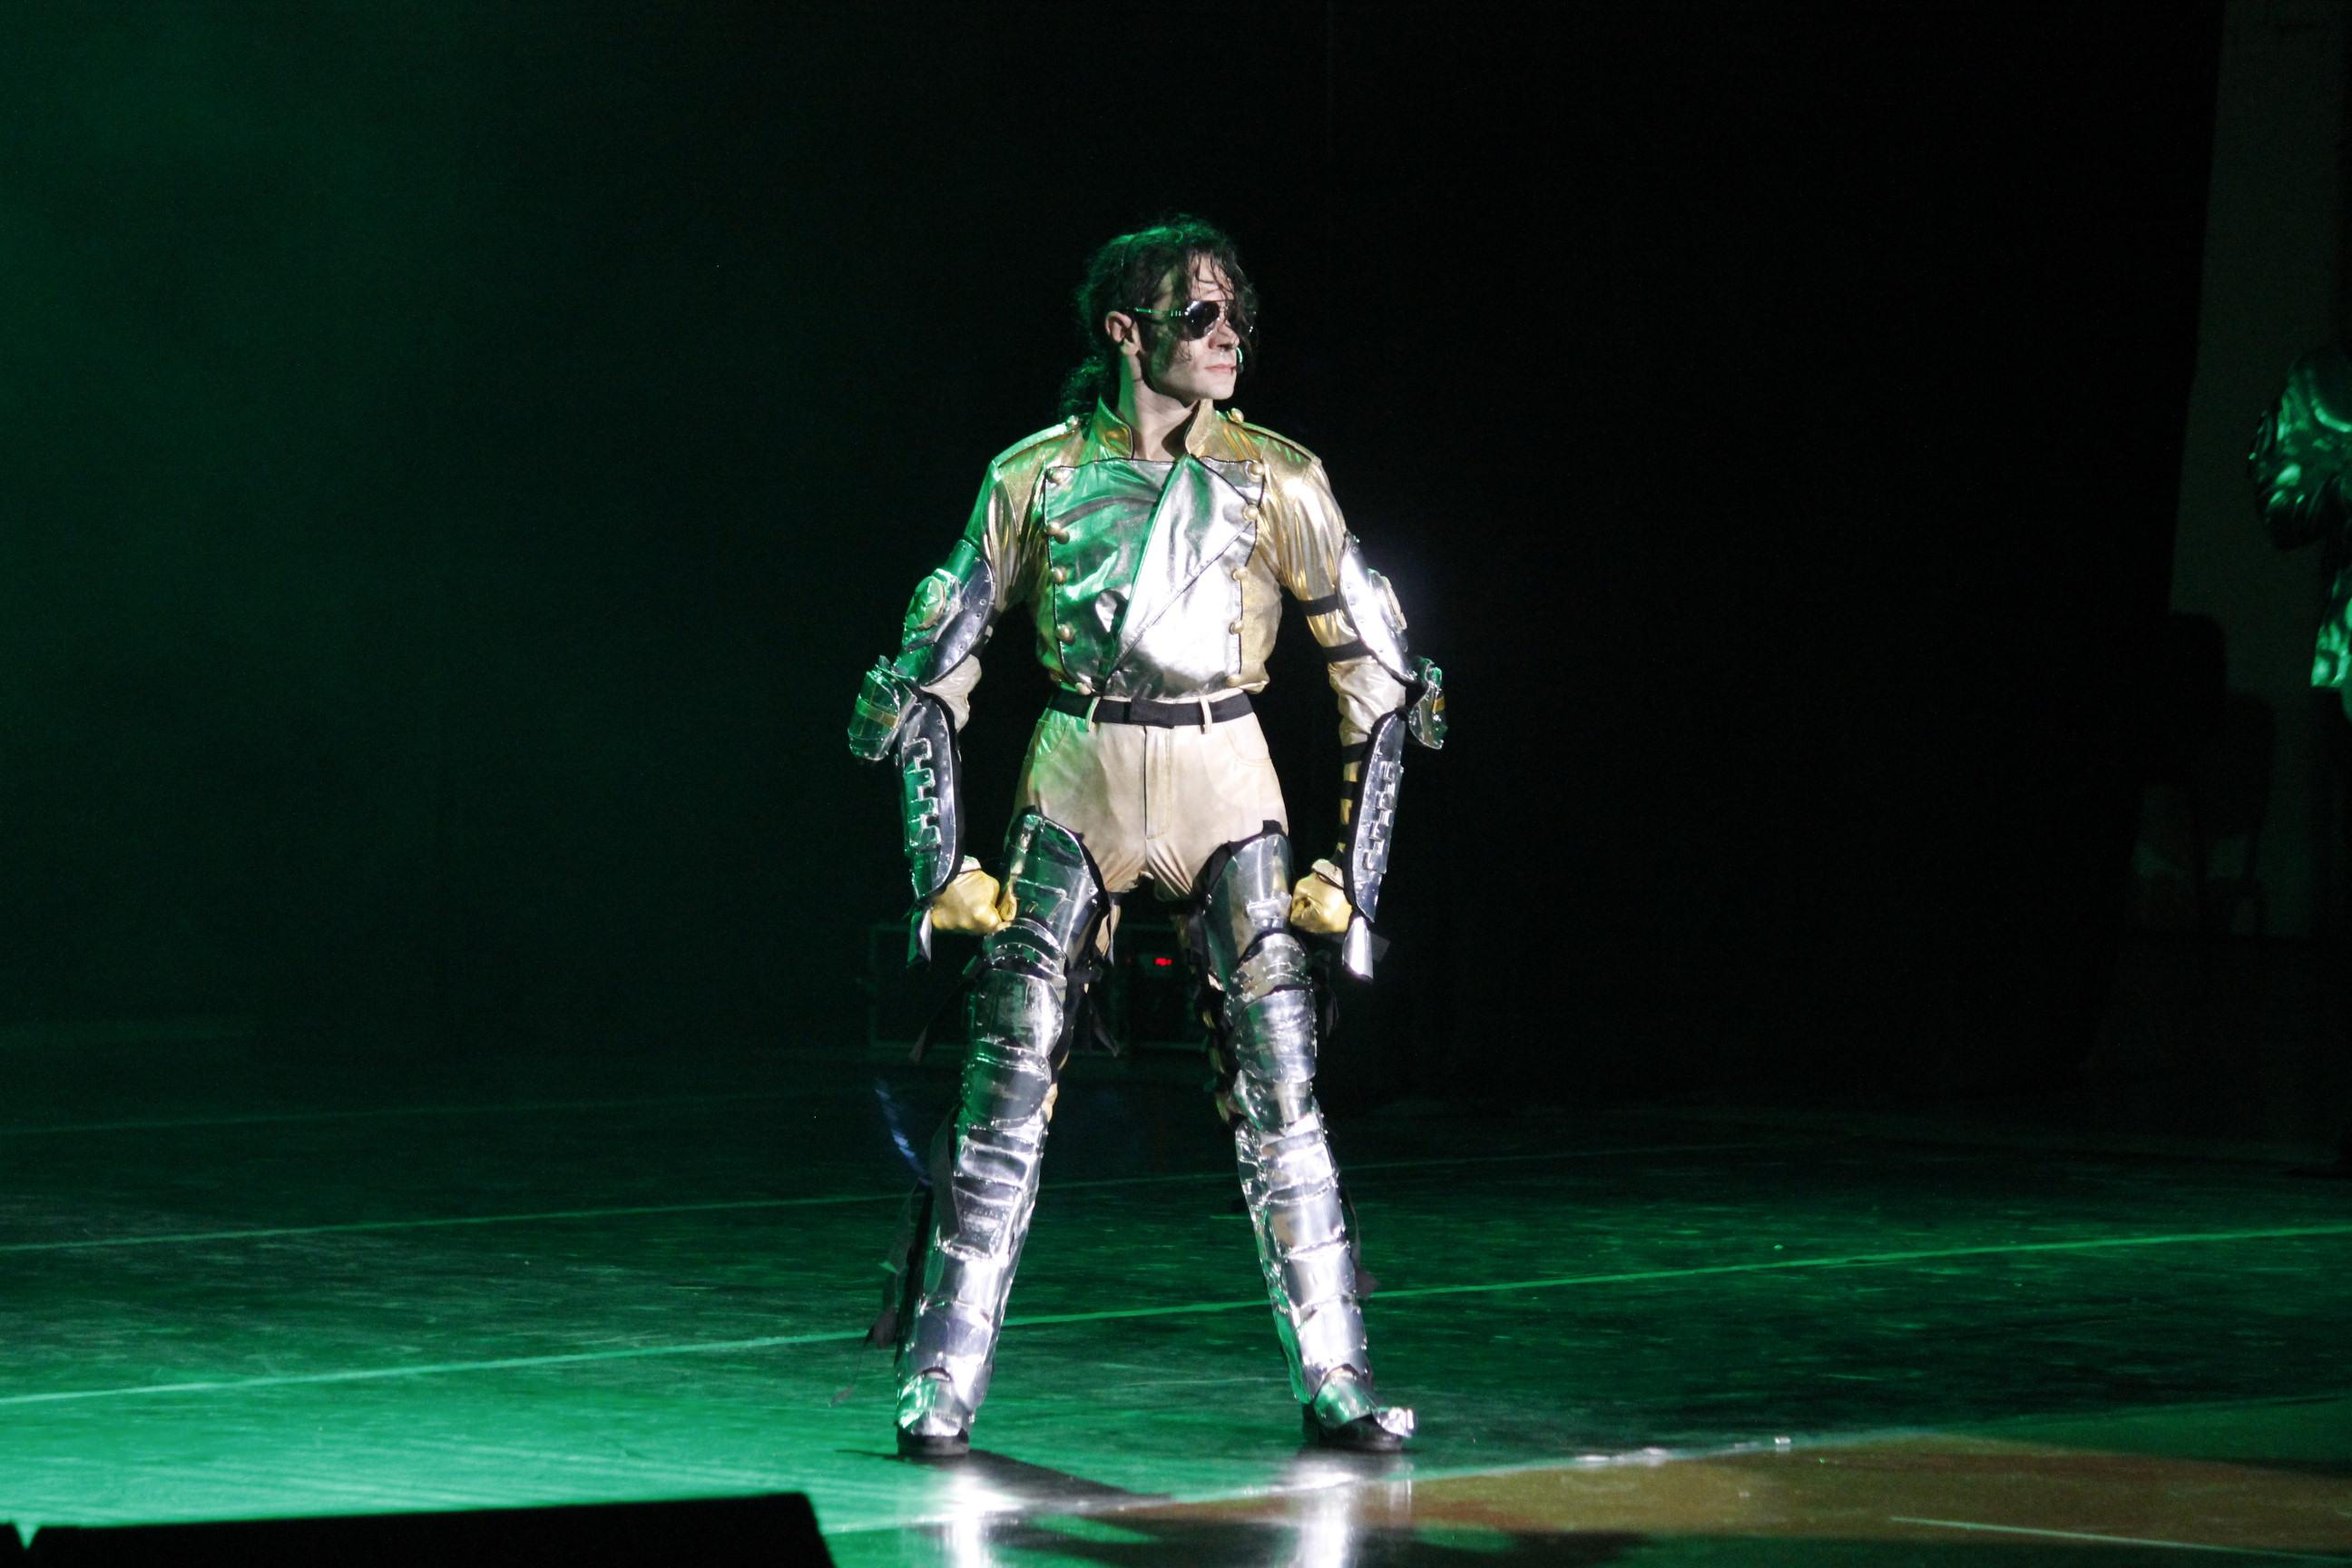 Конкурс танцев тюмень